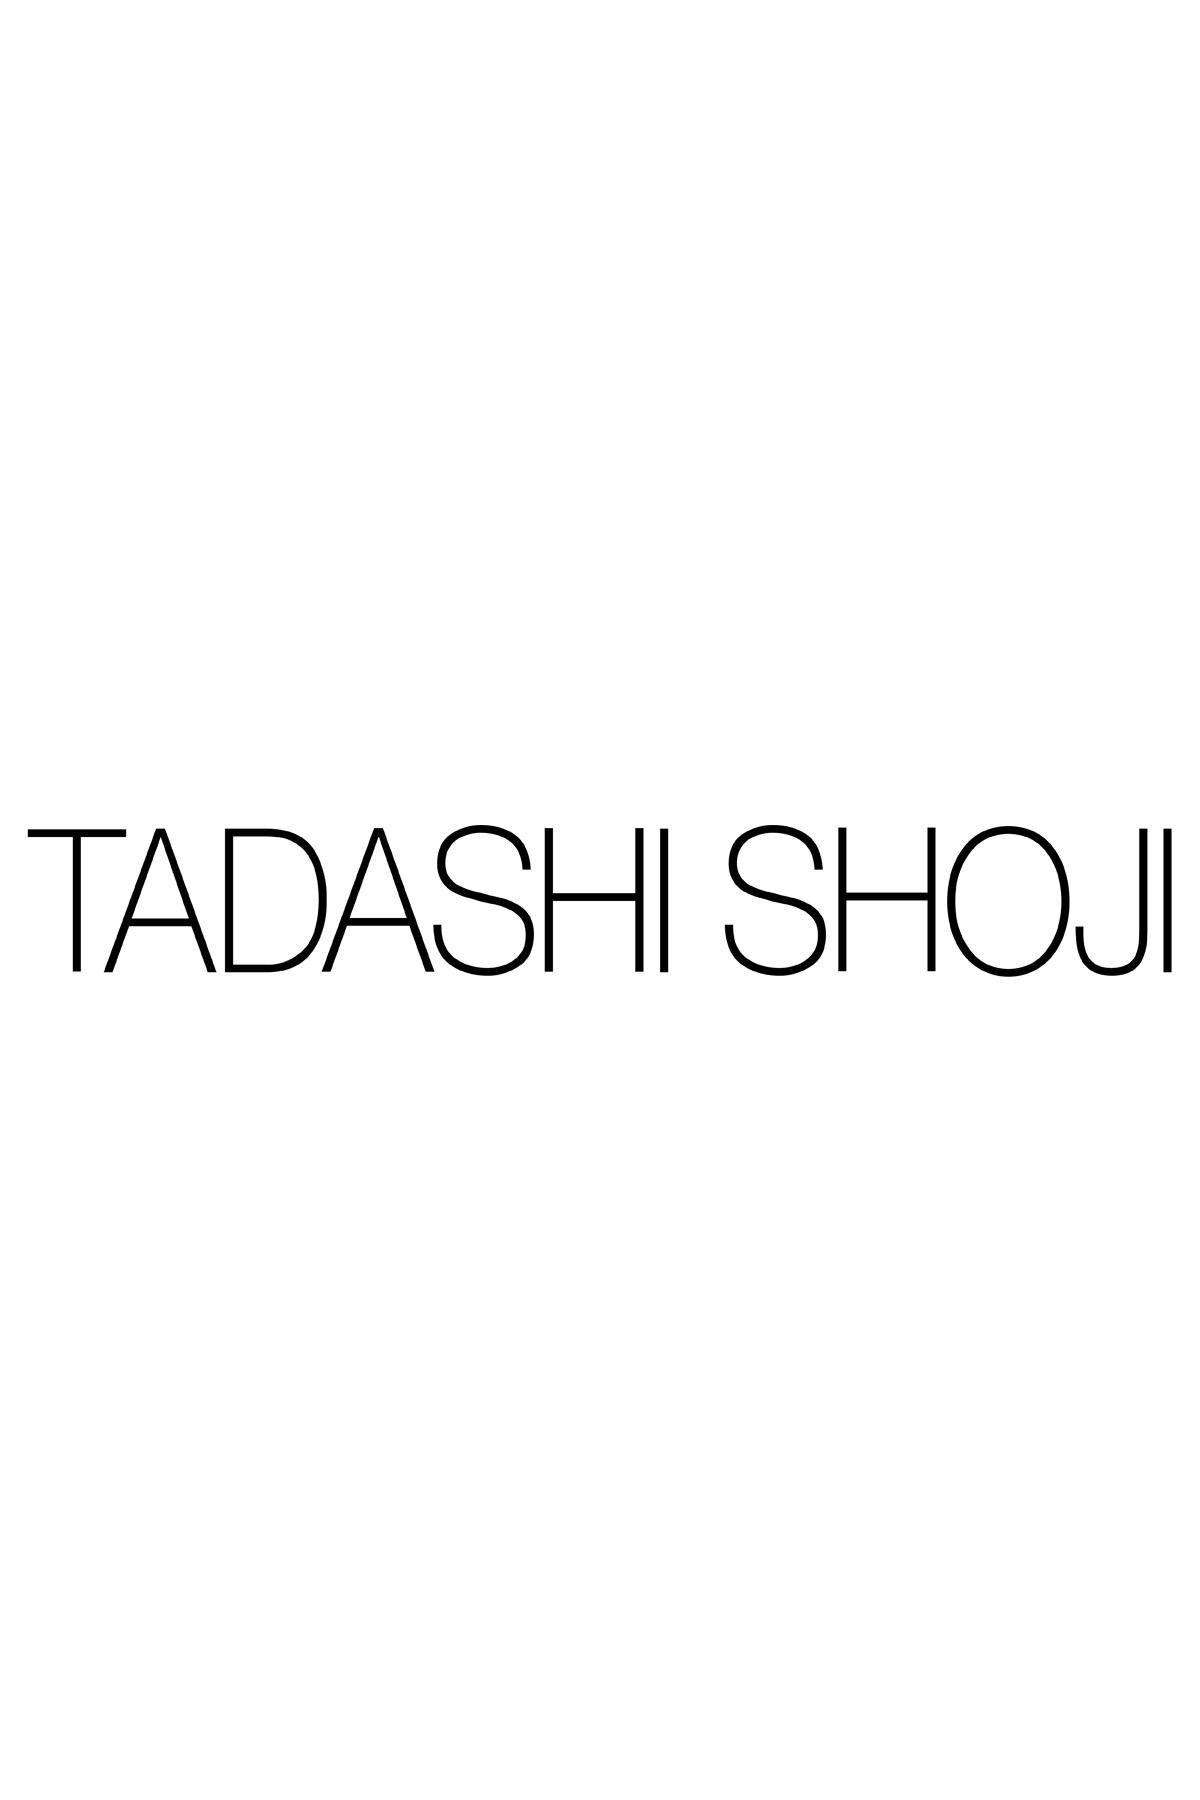 dd4441e9010 Blouson Waist Paillette Embroidered Lace Dress - PLUS SIZE | Tadashi ...